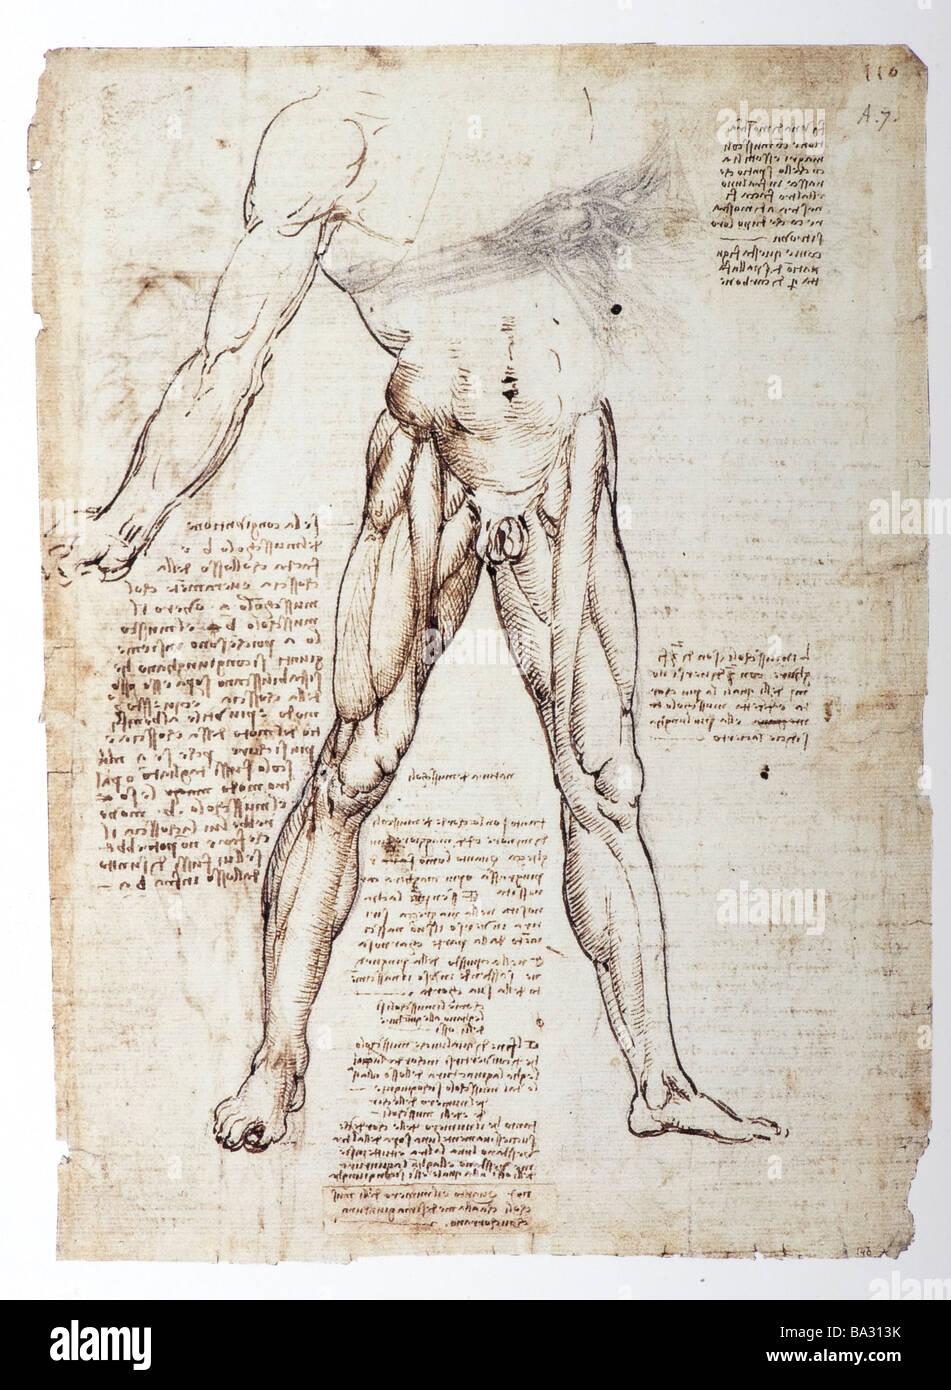 L'étude anatomique des muscles des jambes par Leonardo da Vinci 1509 Plume, encre brune Photo Stock